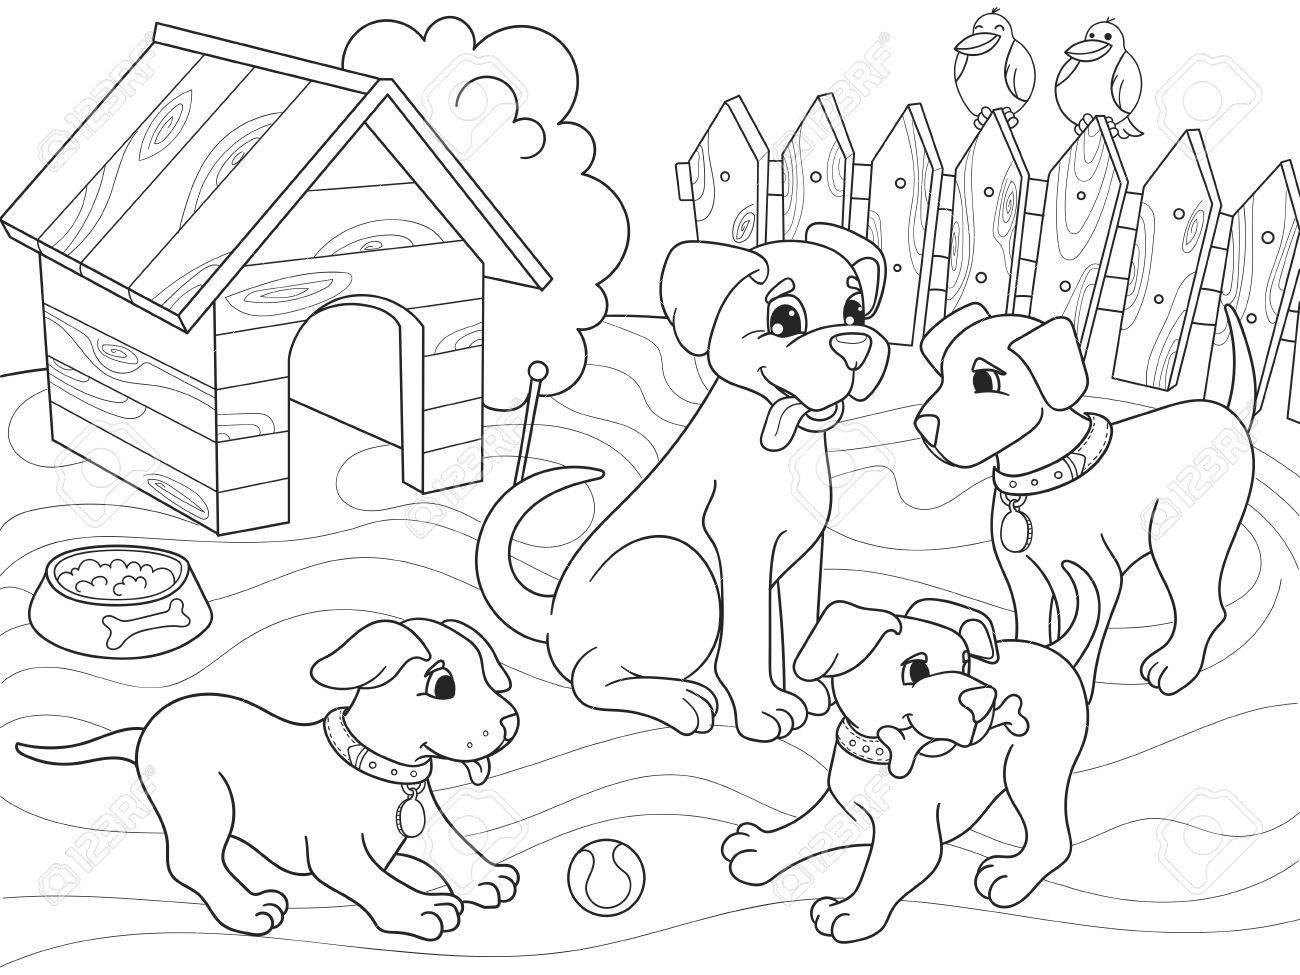 Niños Para Colorear Familia De Dibujos Animados De Libro En La Naturaleza Mamá Perro Y Cachorros Niños